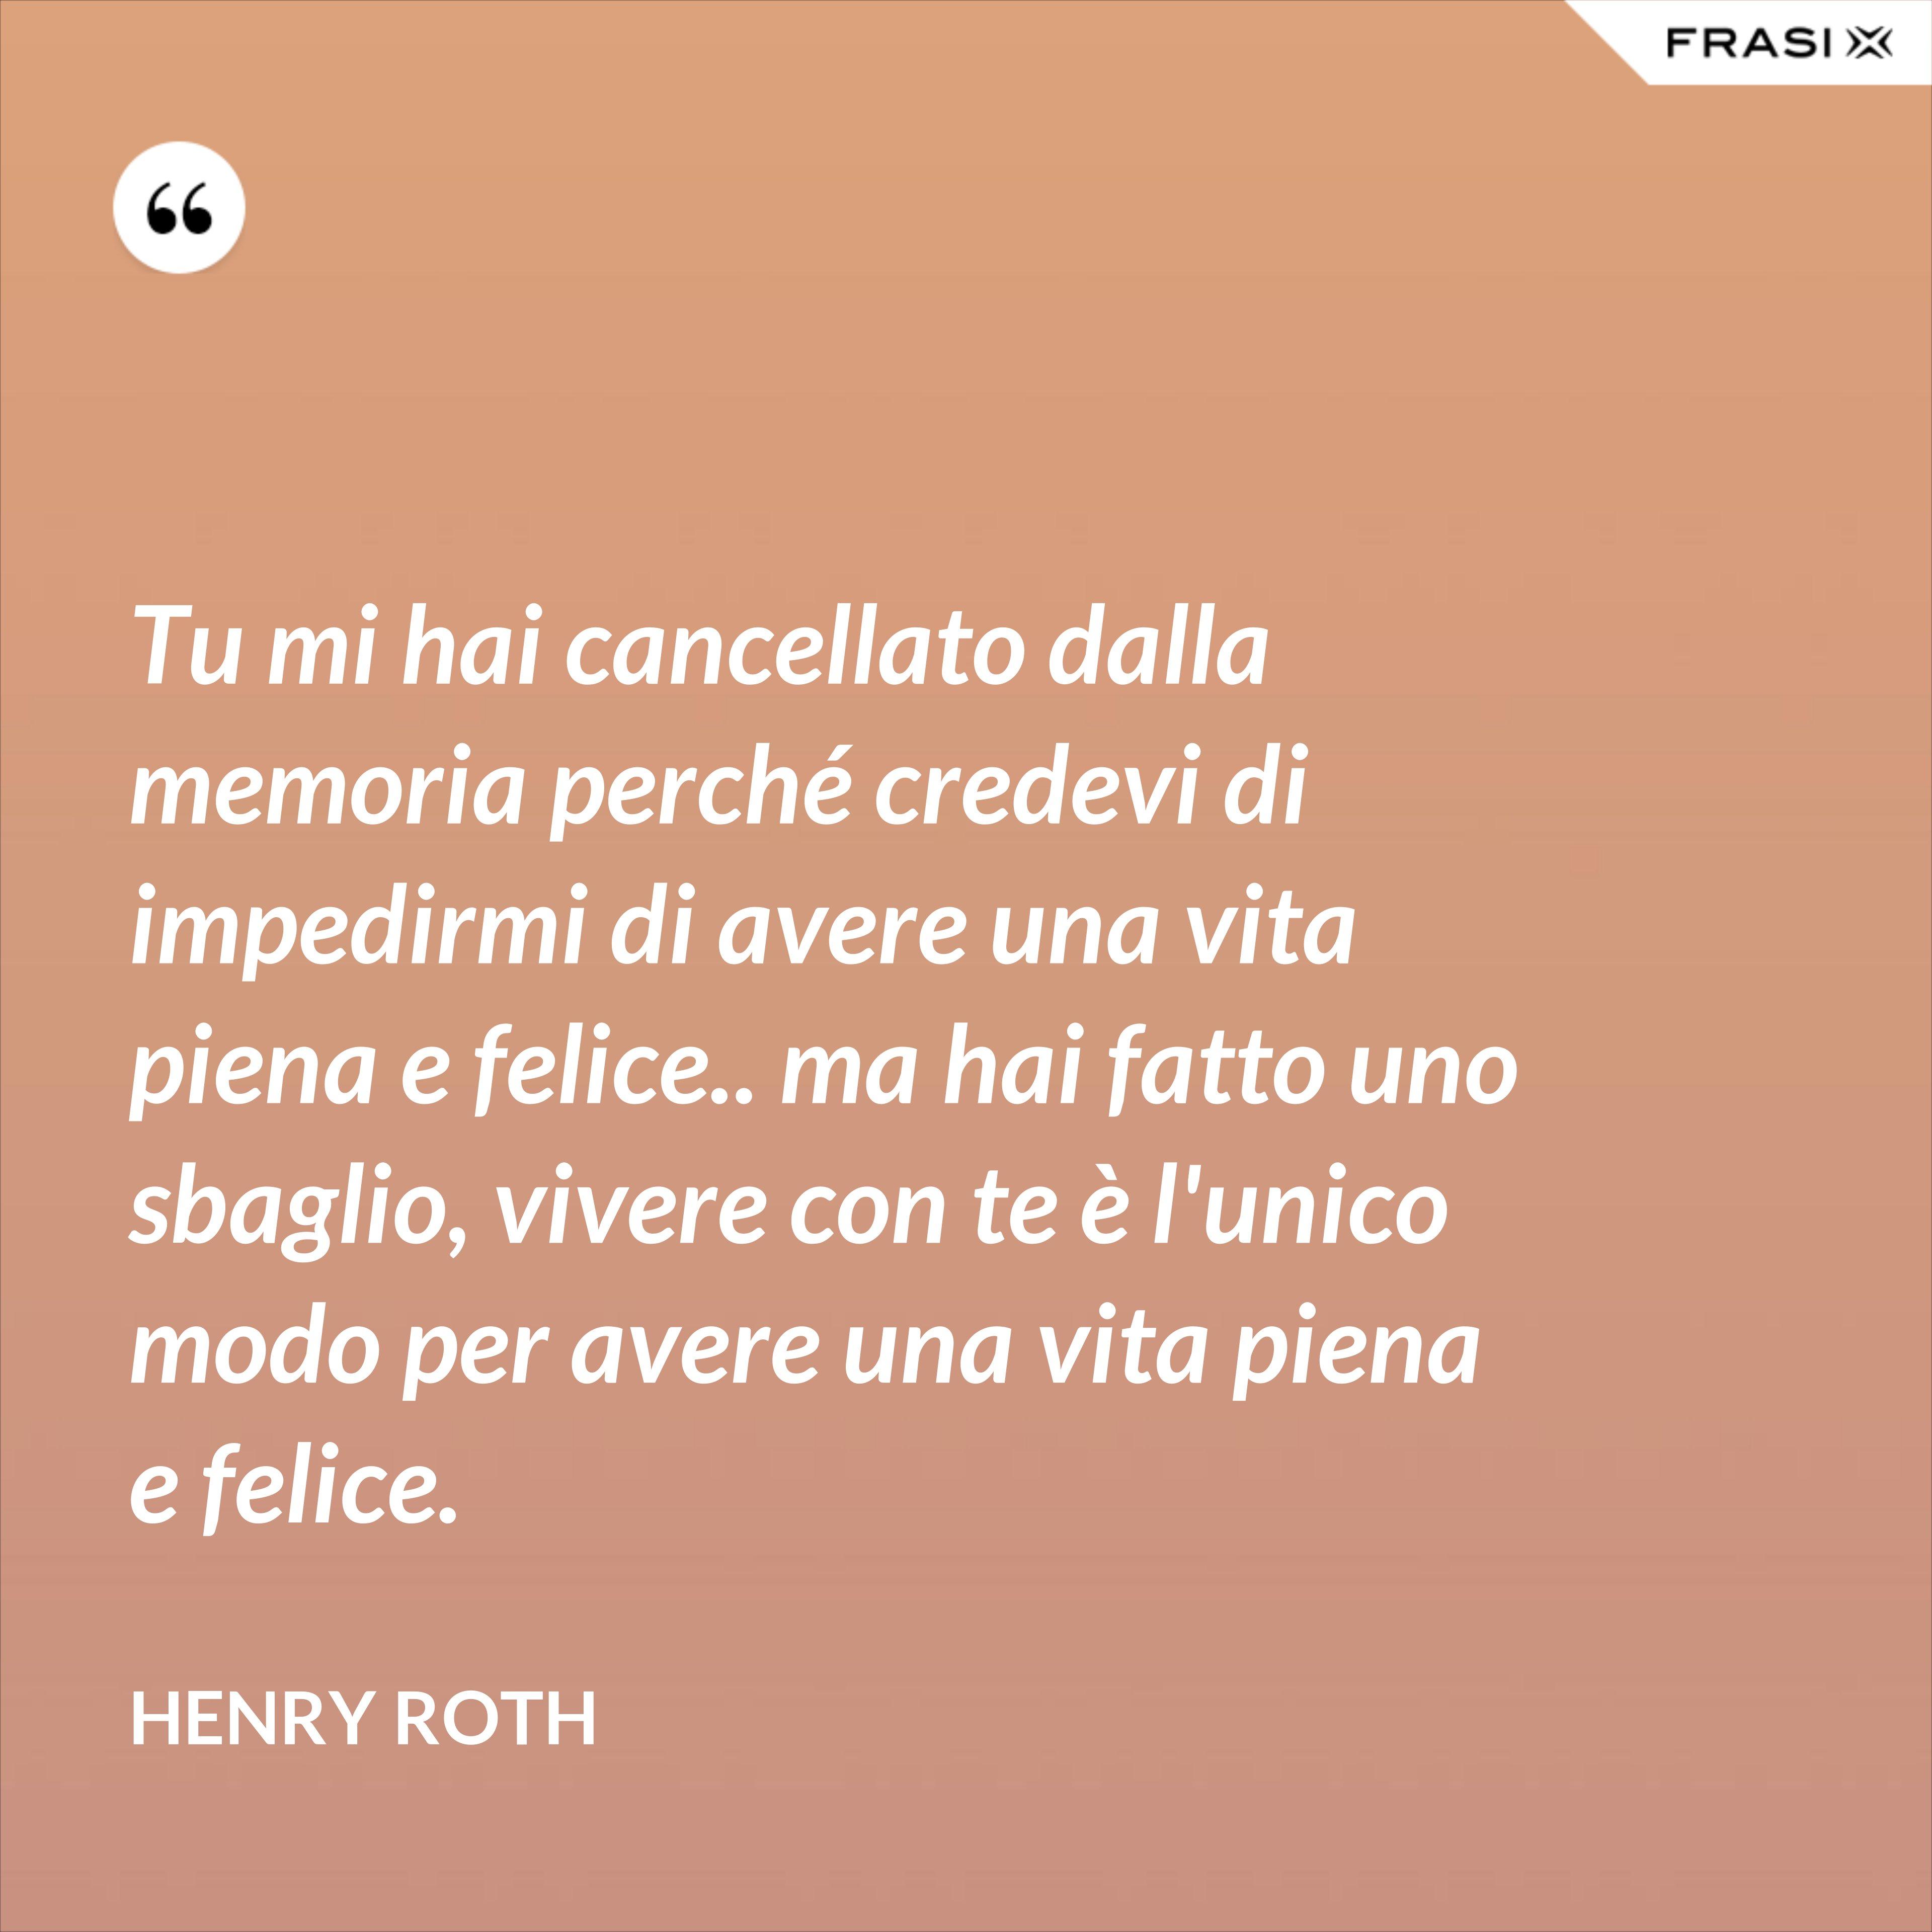 Tu mi hai cancellato dalla memoria perché credevi di impedirmi di avere una vita piena e felice.. ma hai fatto uno sbaglio, vivere con te è l'unico modo per avere una vita piena e felice. - Henry Roth